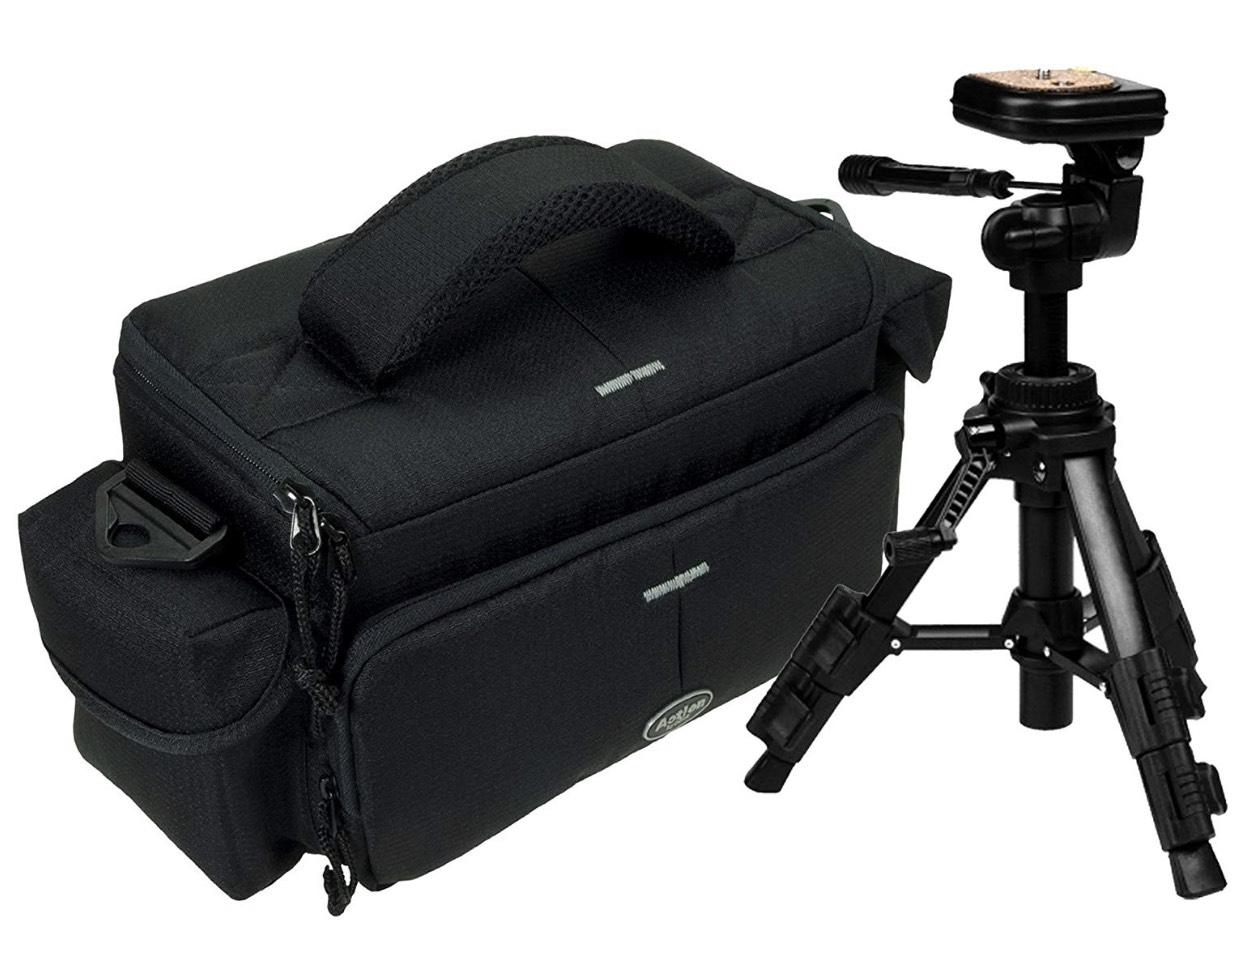 Preisfehler: Progallio Foto Kamera Tasche+Reise Stativ für 16,97€